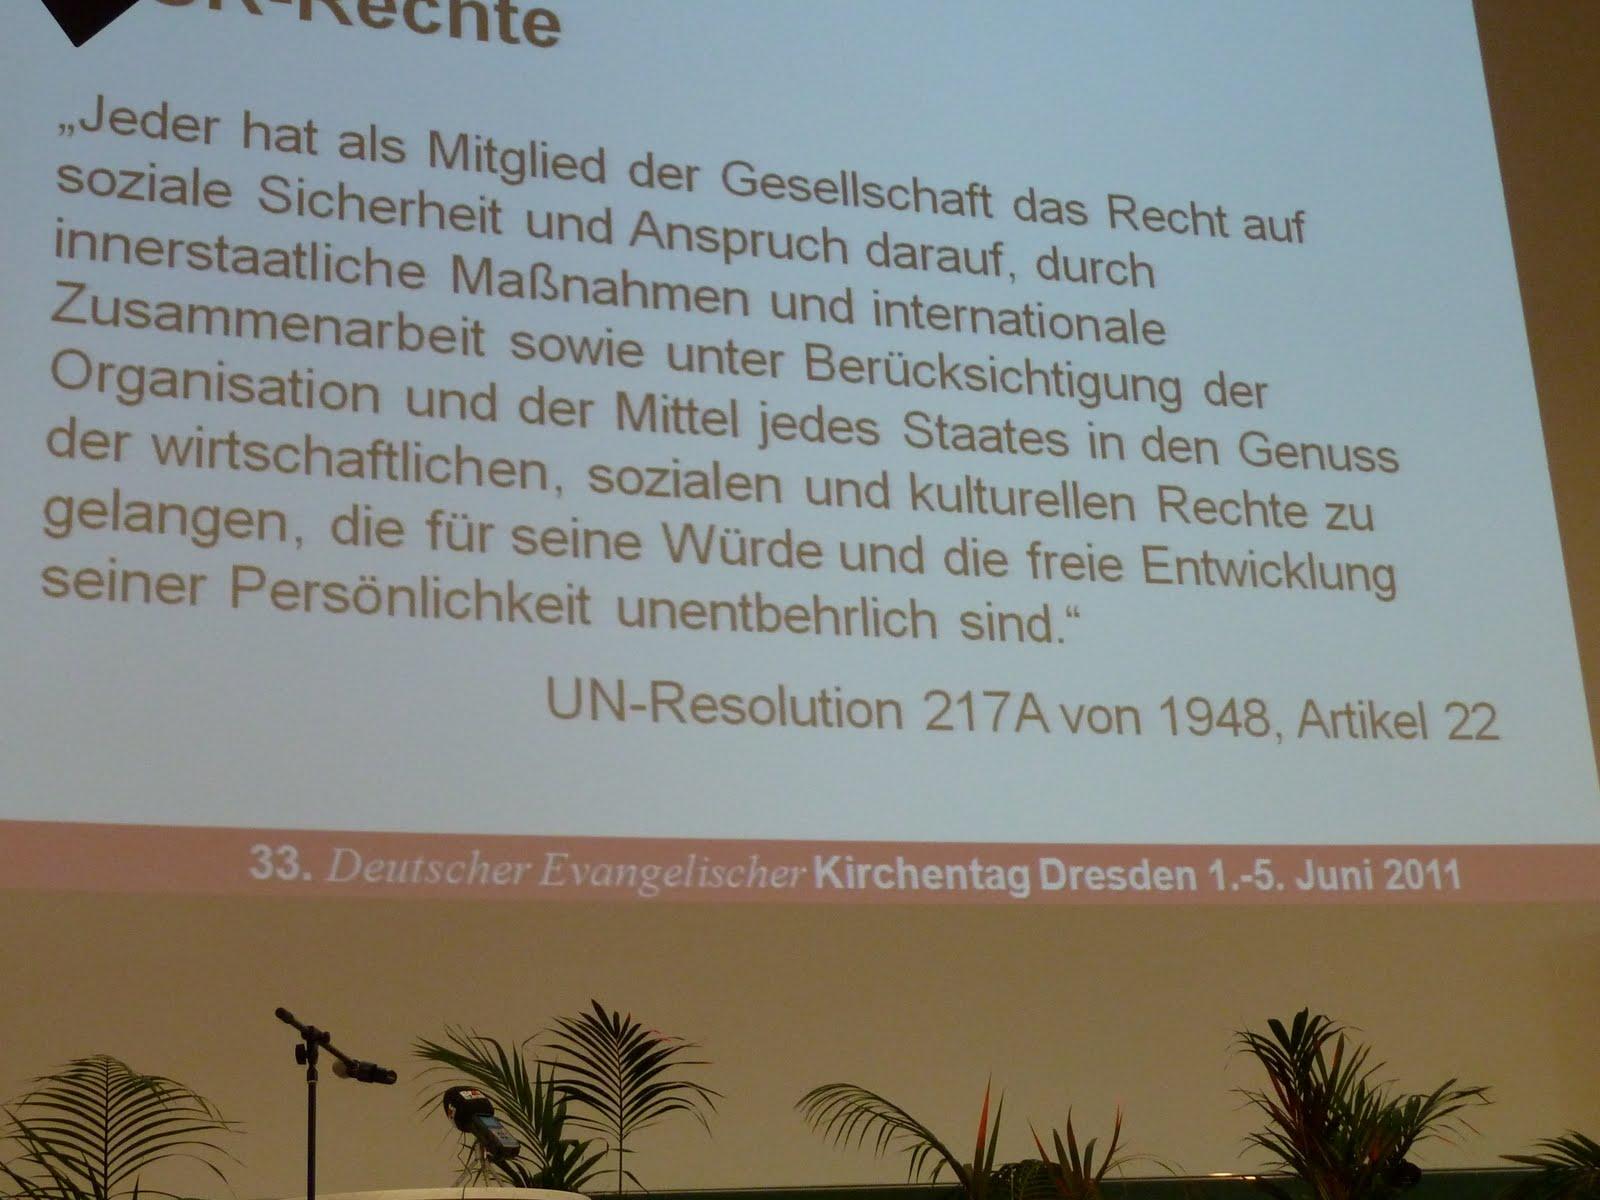 Offene Stellungnahme an unseren Bundestag – Abschaffung des Sanktionsparagraphen